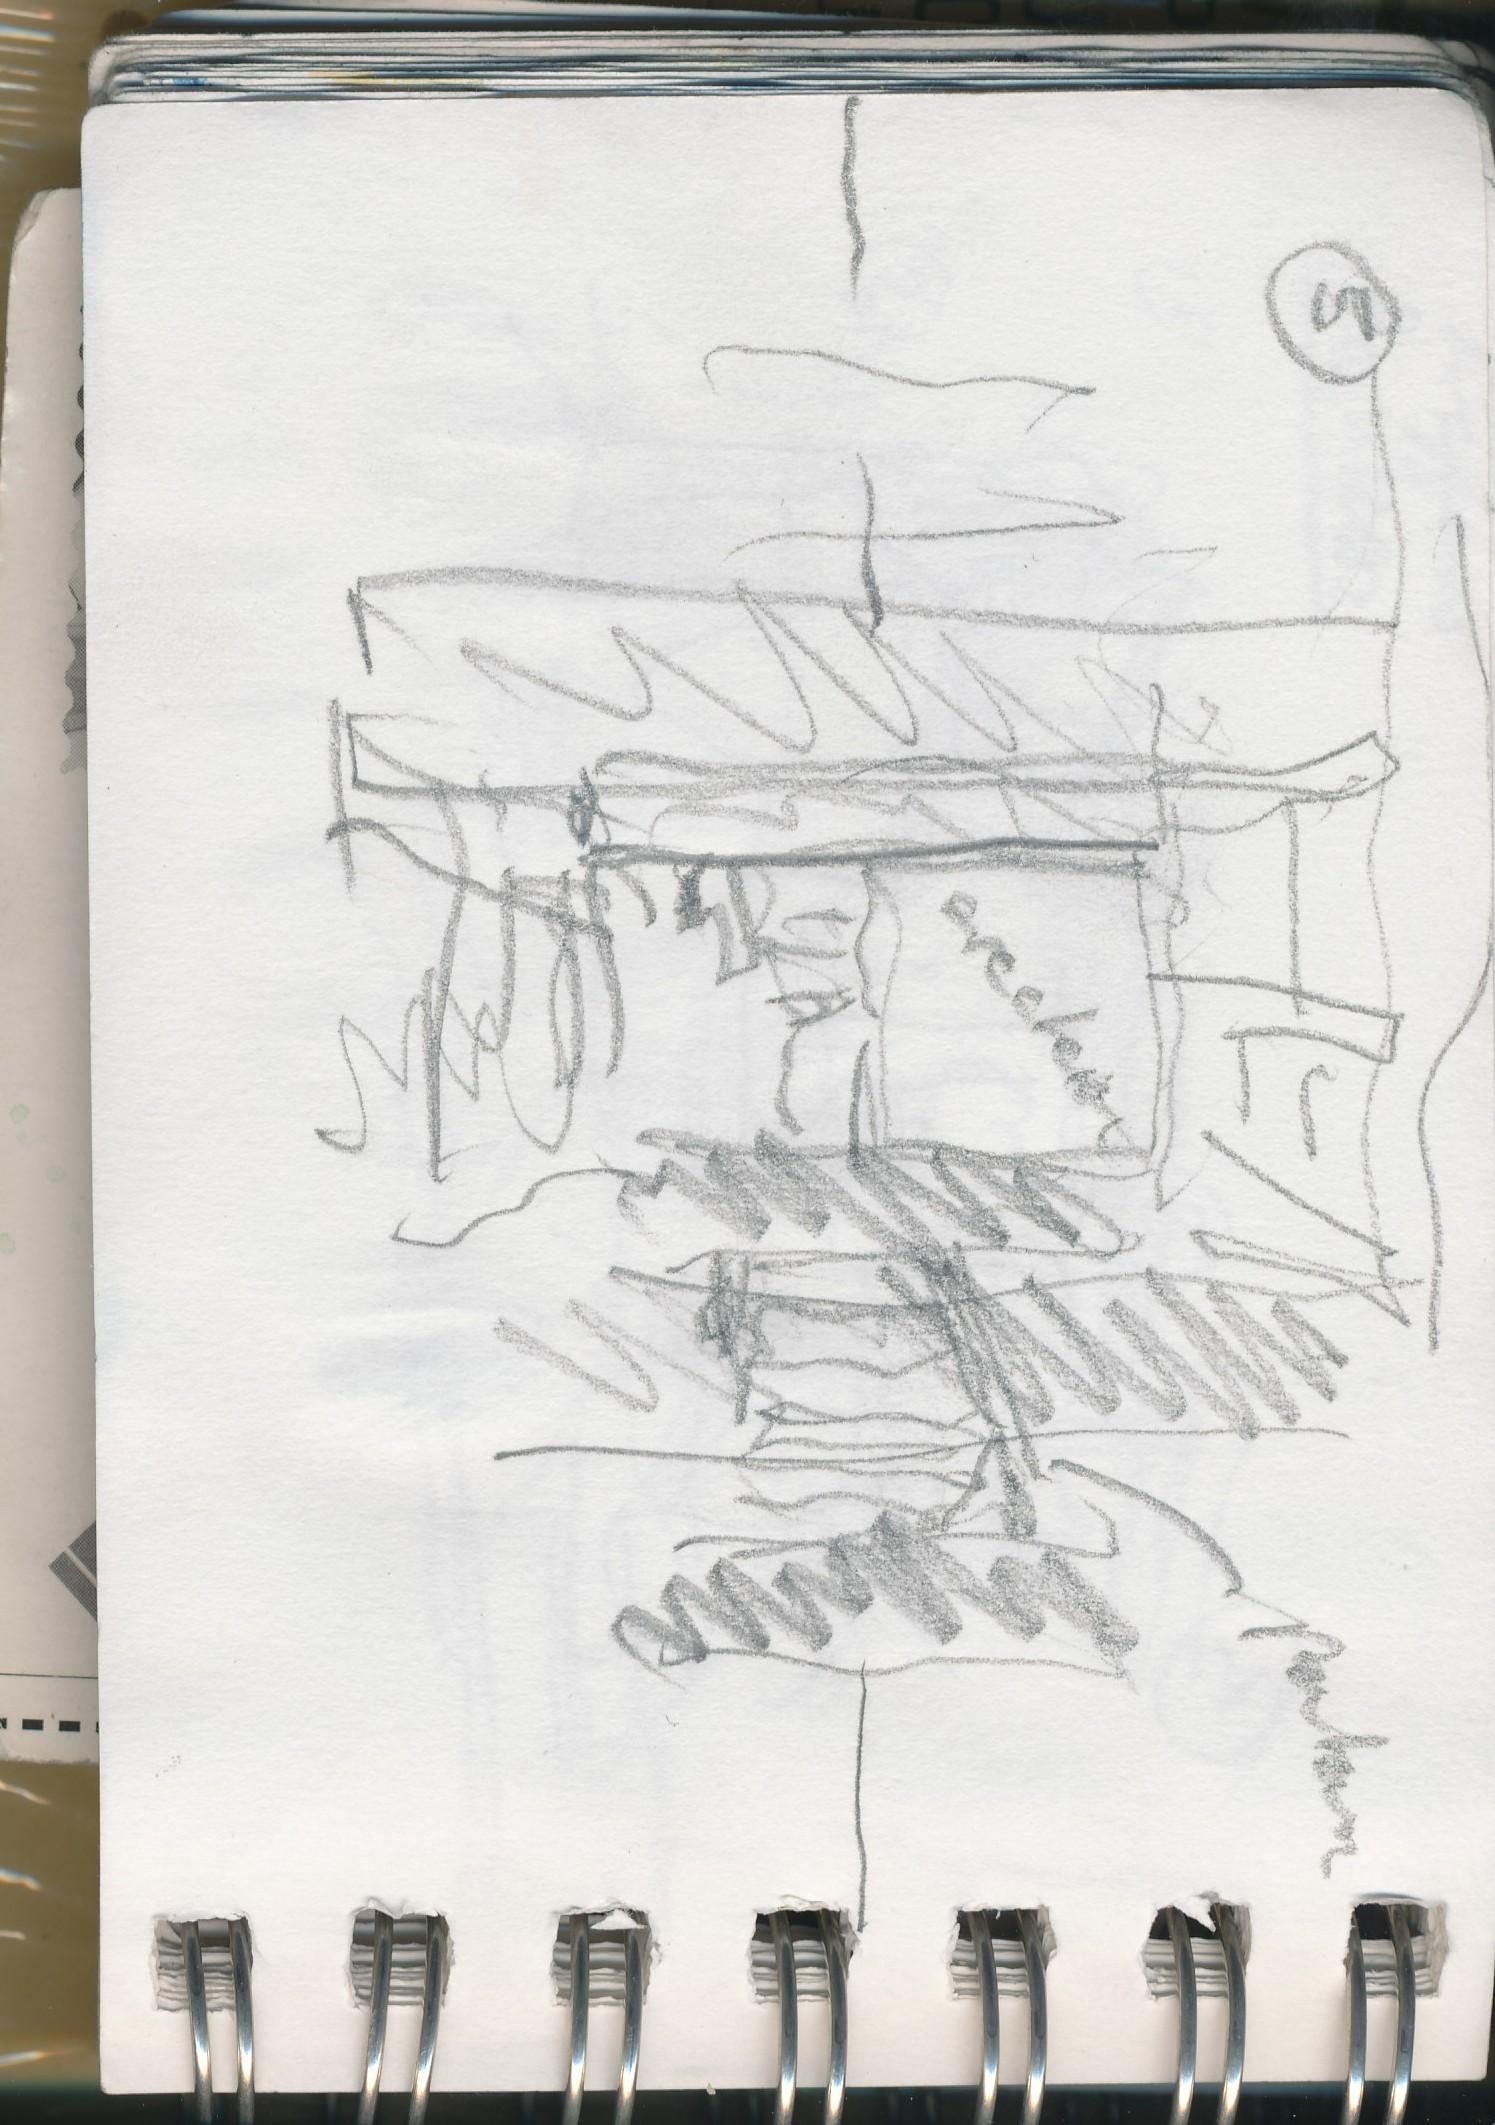 cuaderno 8_0023.0.jpg